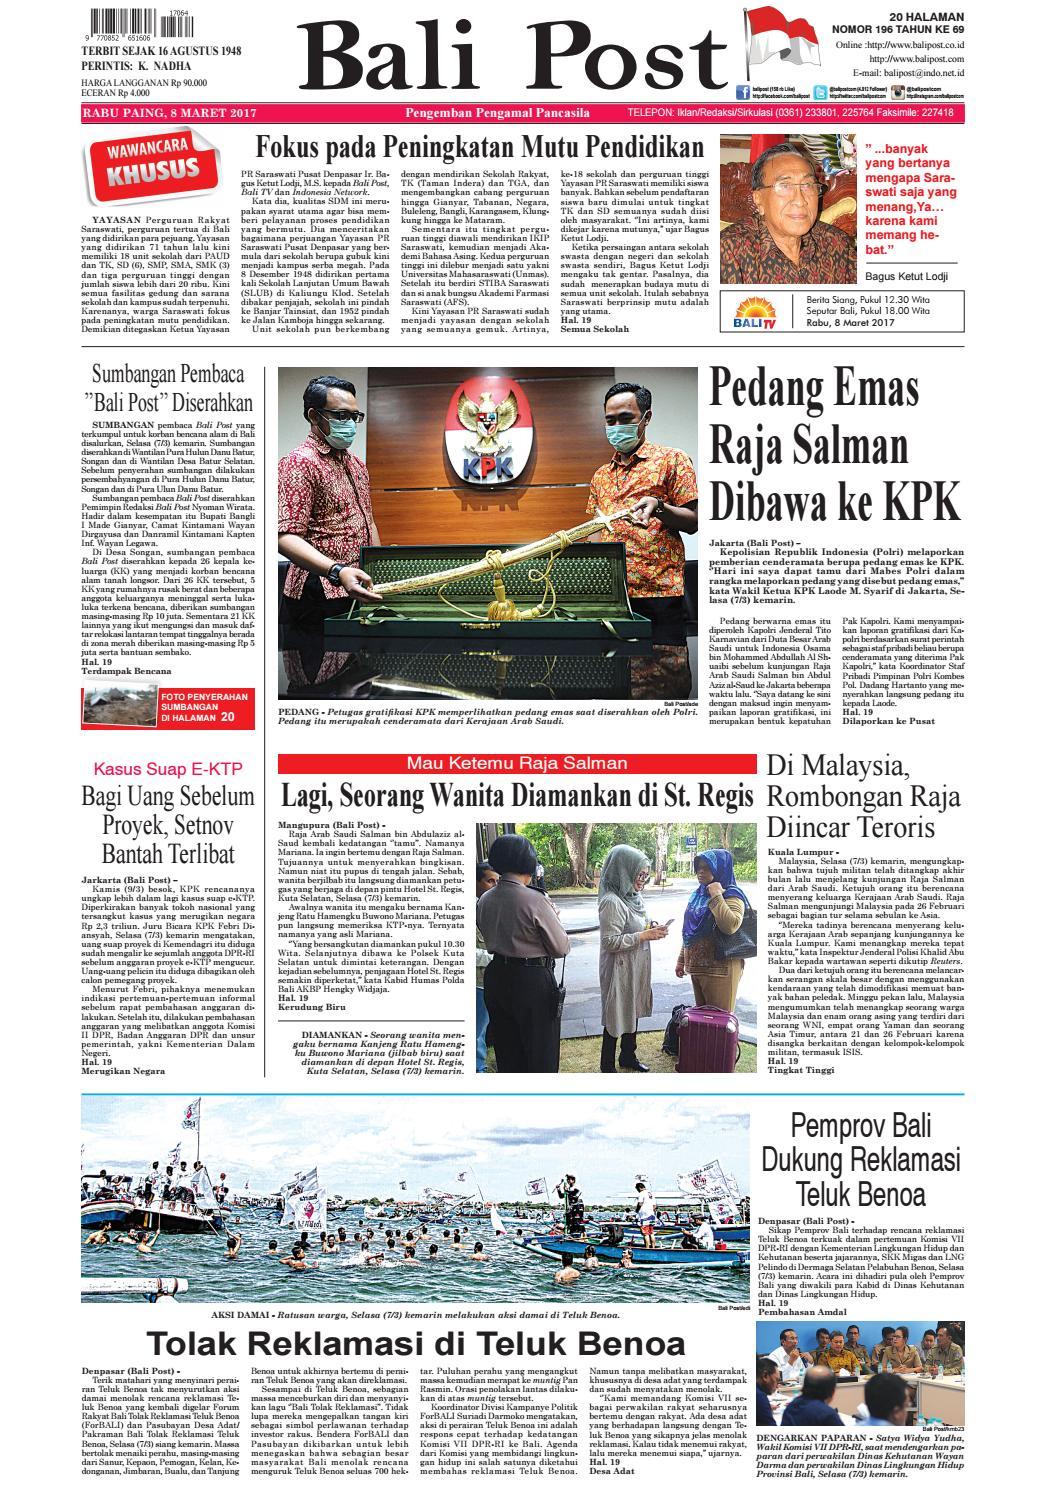 Edisi 08 Maret 2017 Balipostcom By E Paper Kmb Issuu Jamsuit Cewek Oleh Dari Bali